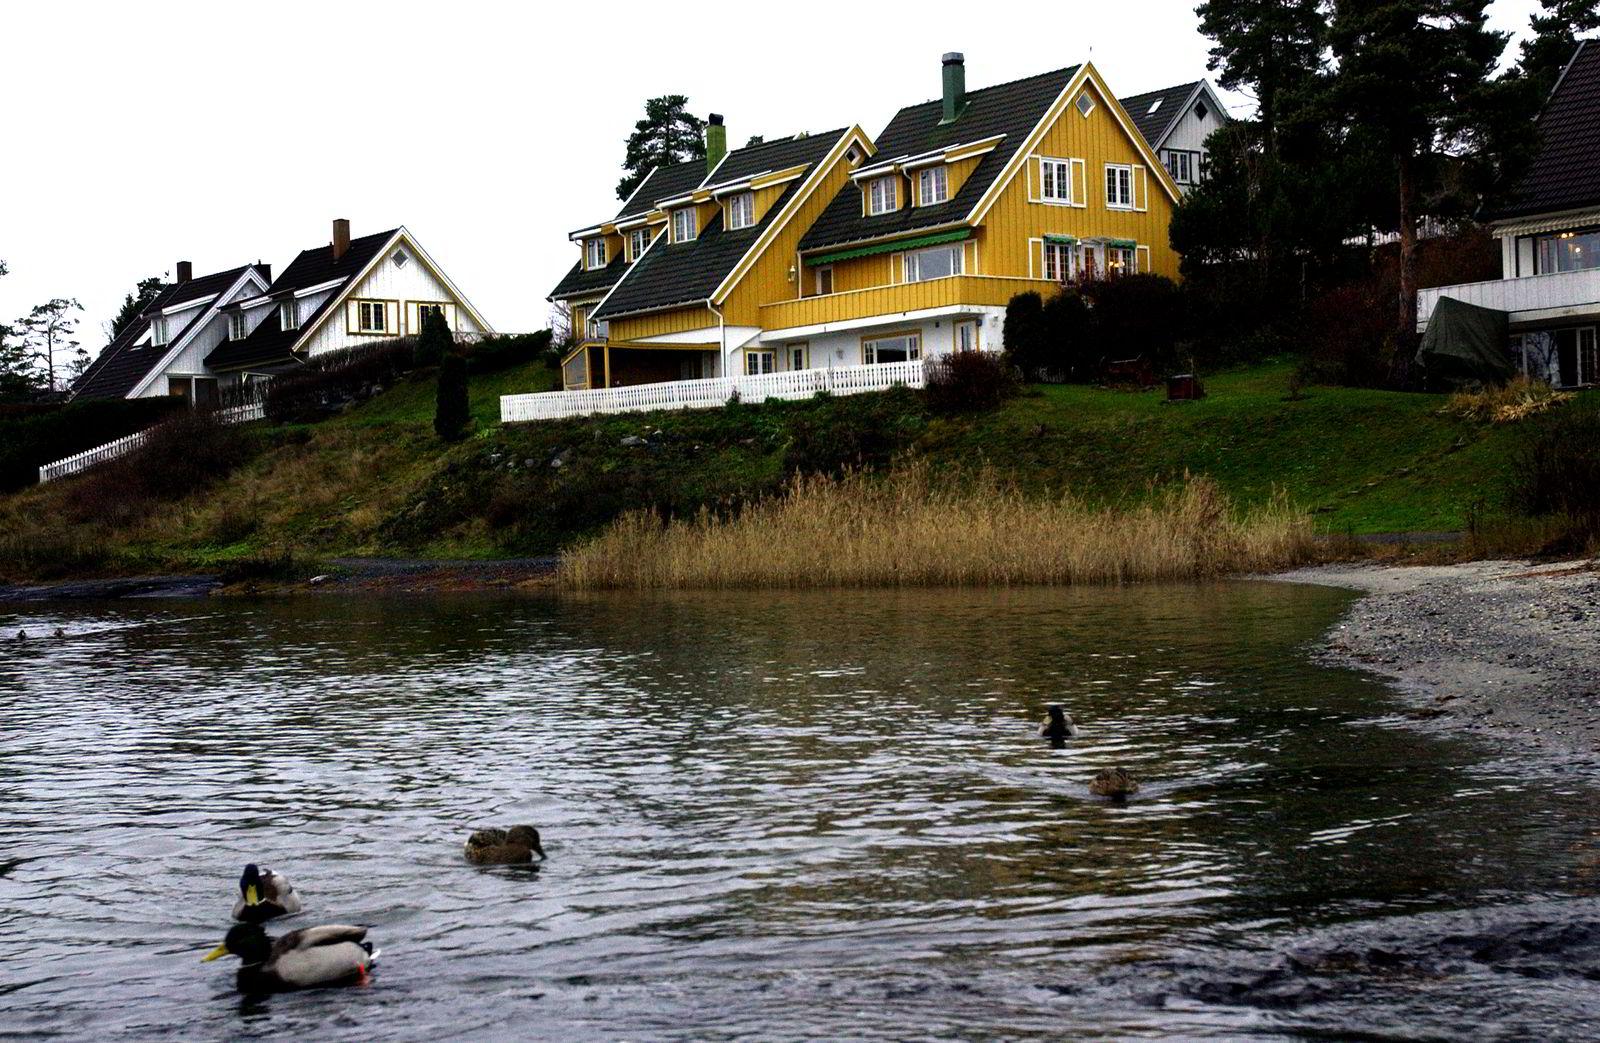 Partene kranglet om utbygging av en bod i Miguel Sørholts villa på Snarøya. Foto: